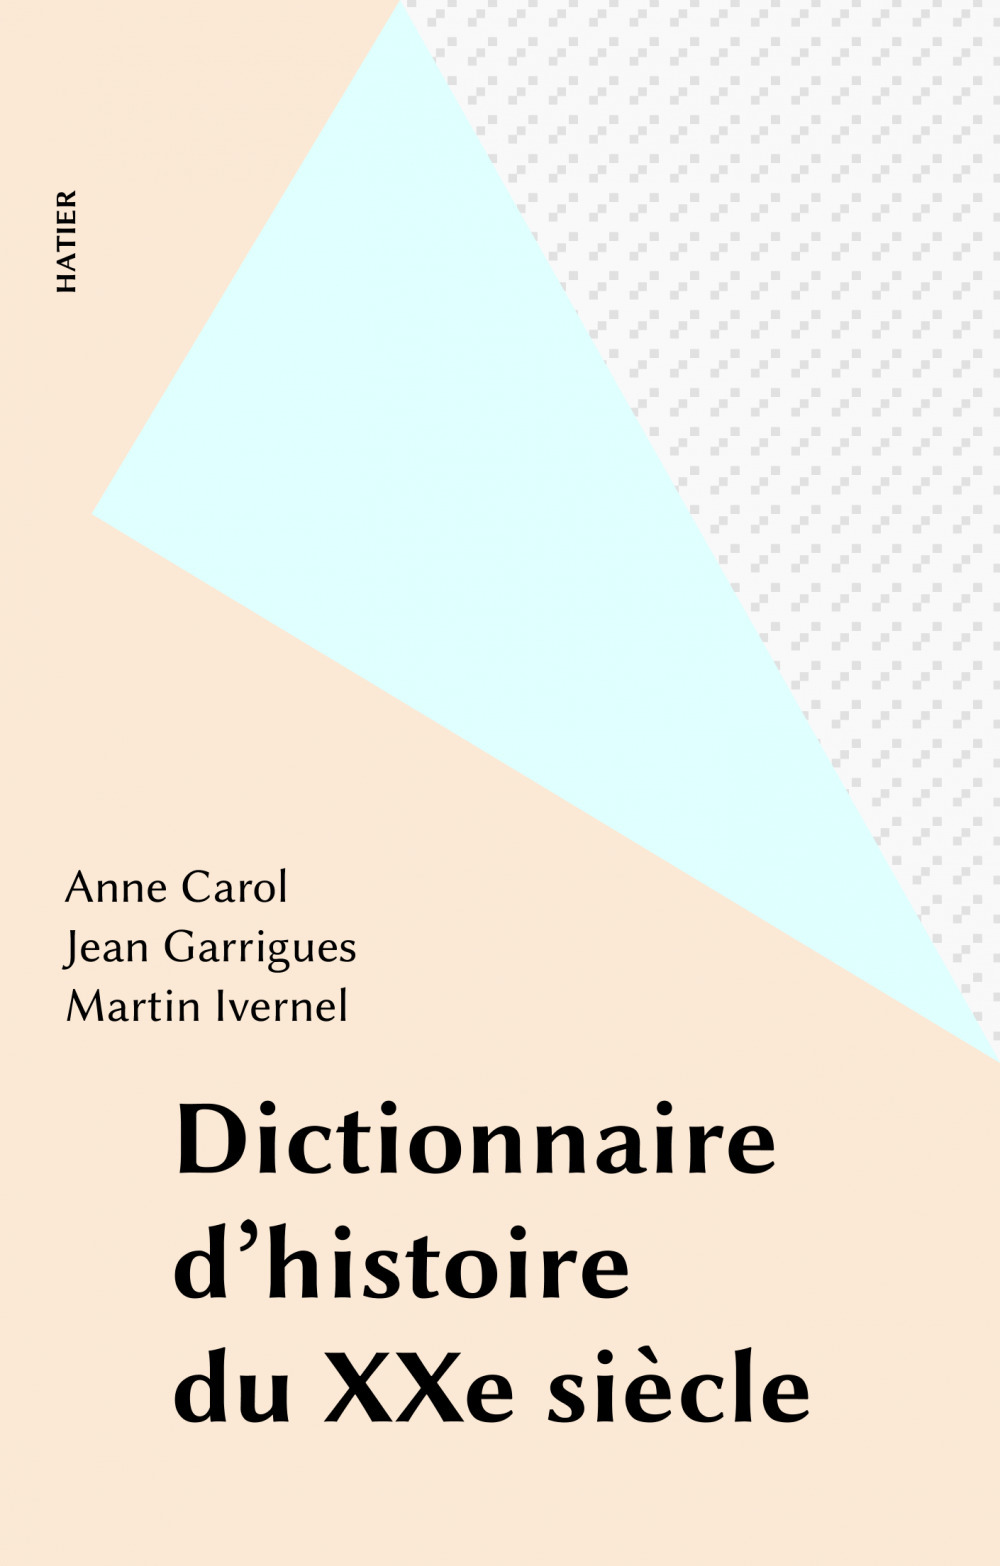 Dictionnaire d'histoire du 20eme siecle